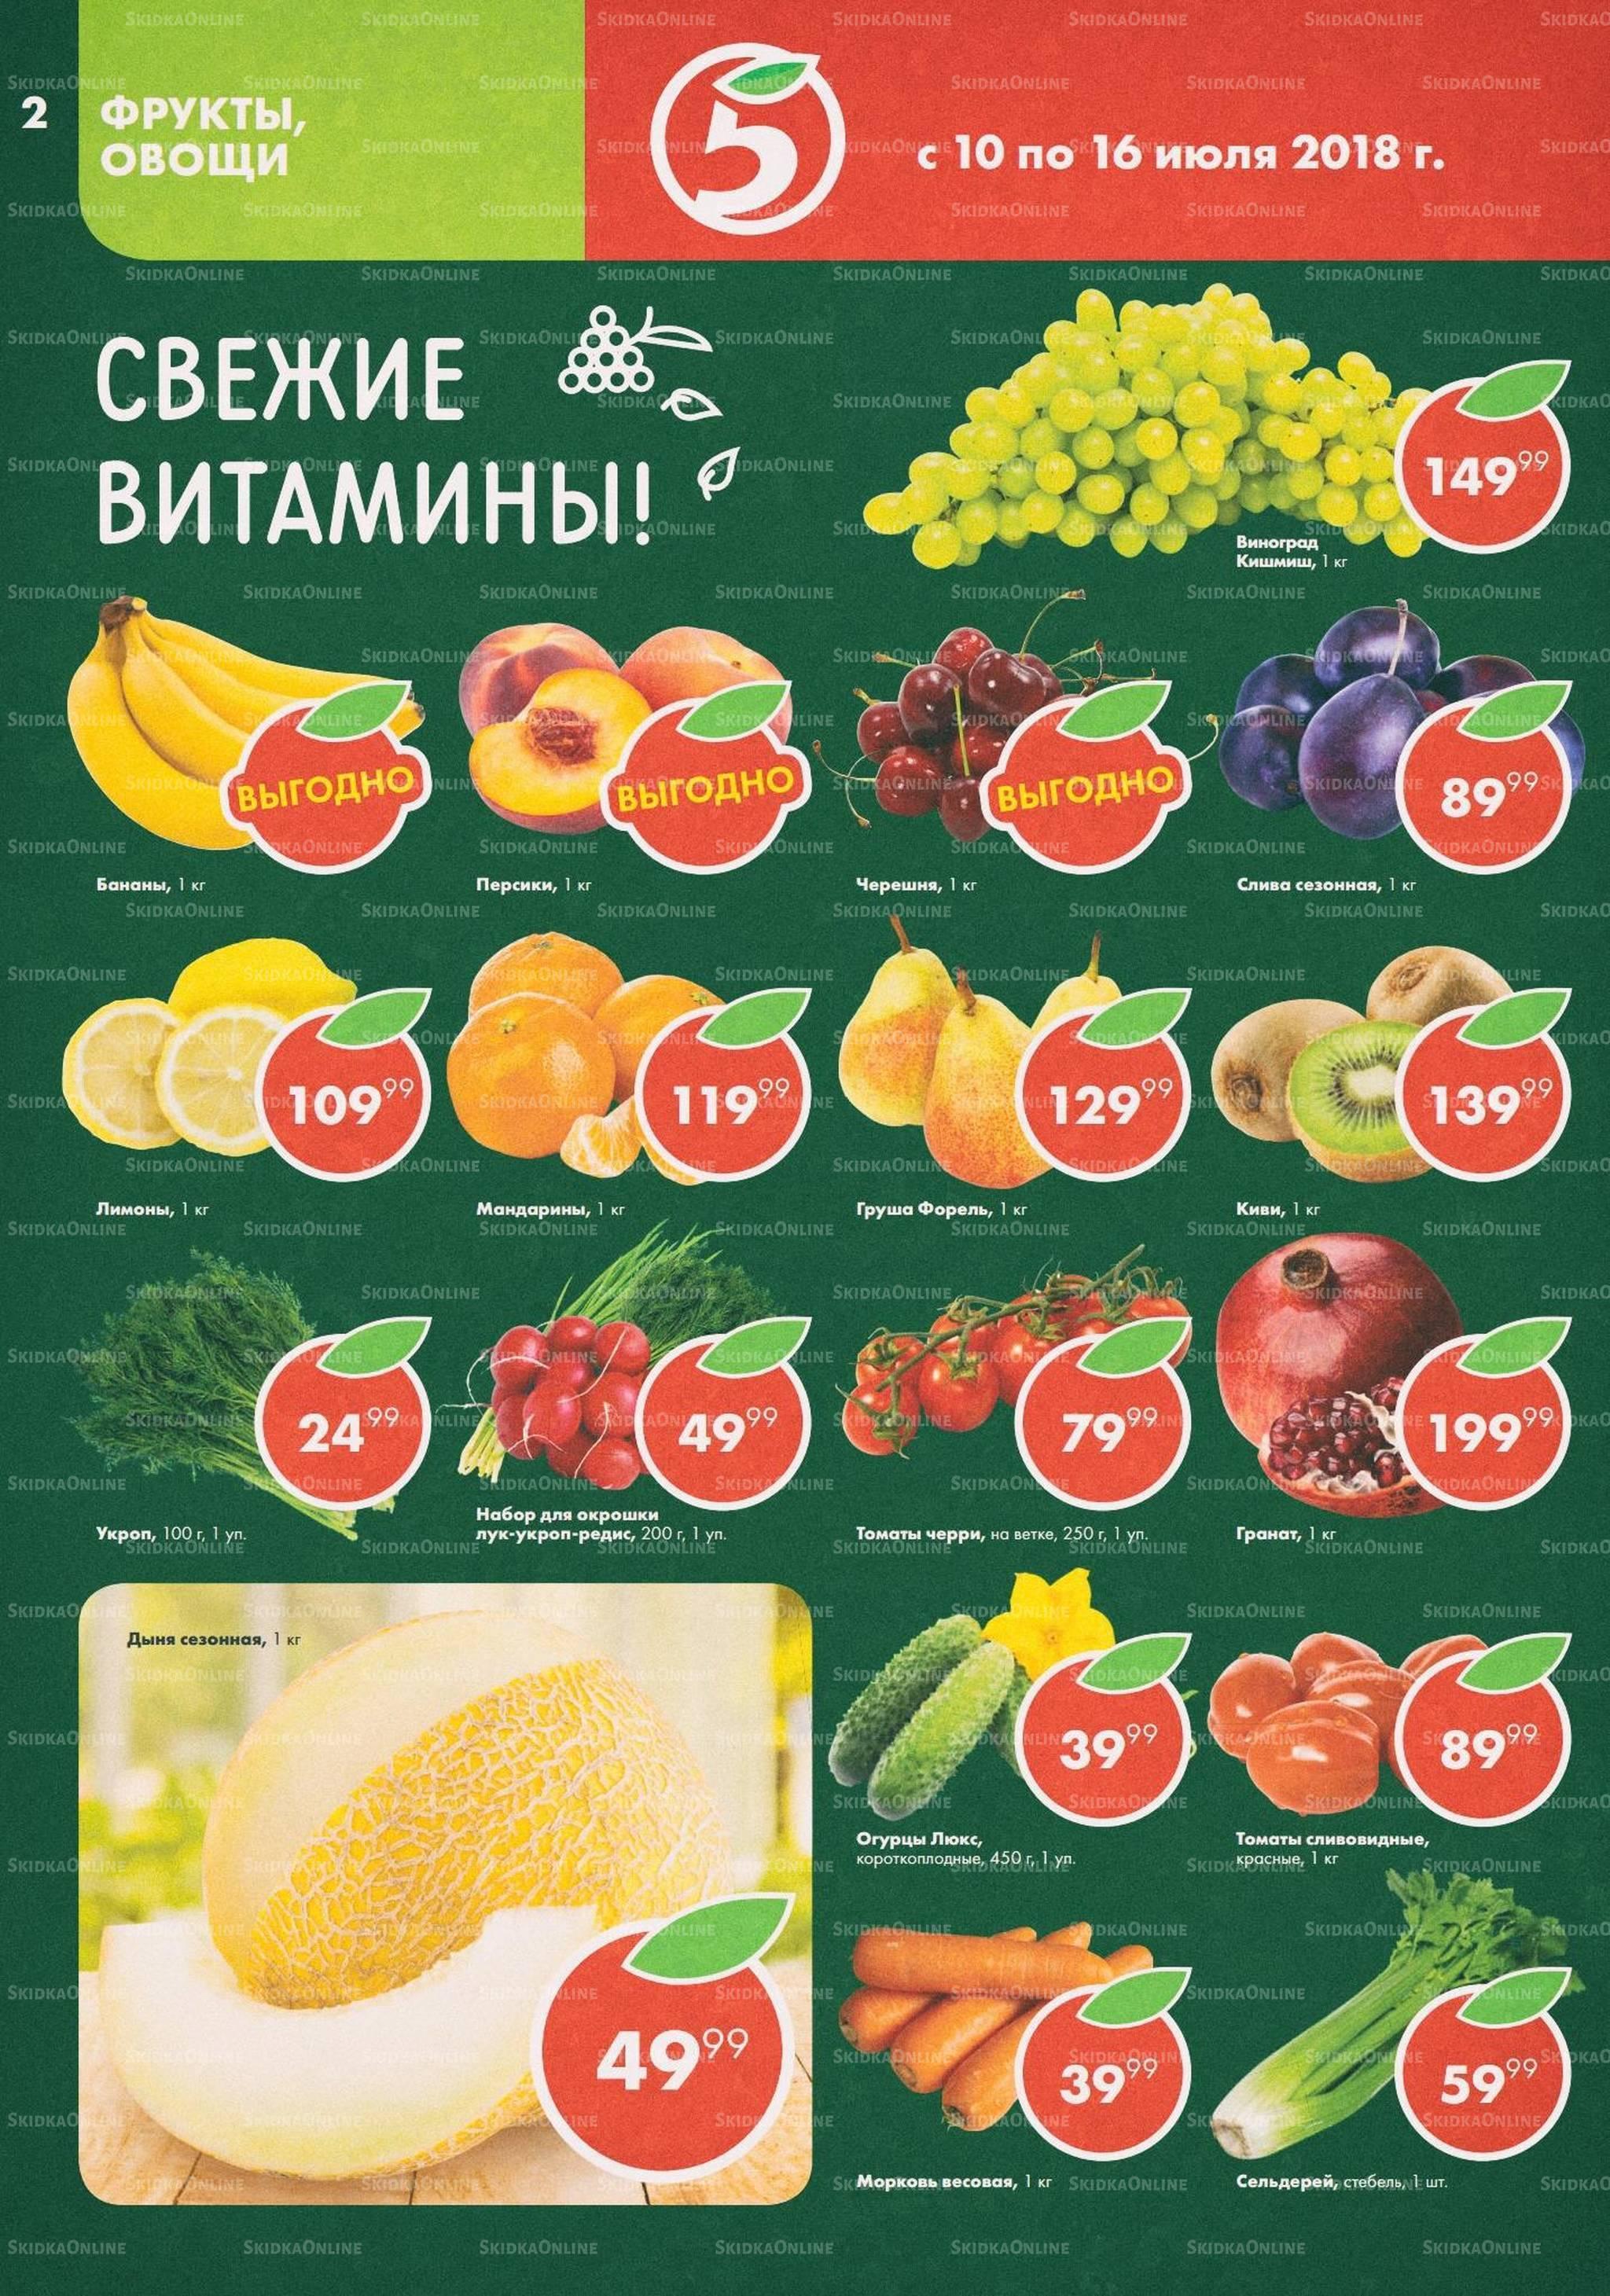 Акции в Пятёрочке с 10 по 16 июля 2018 года